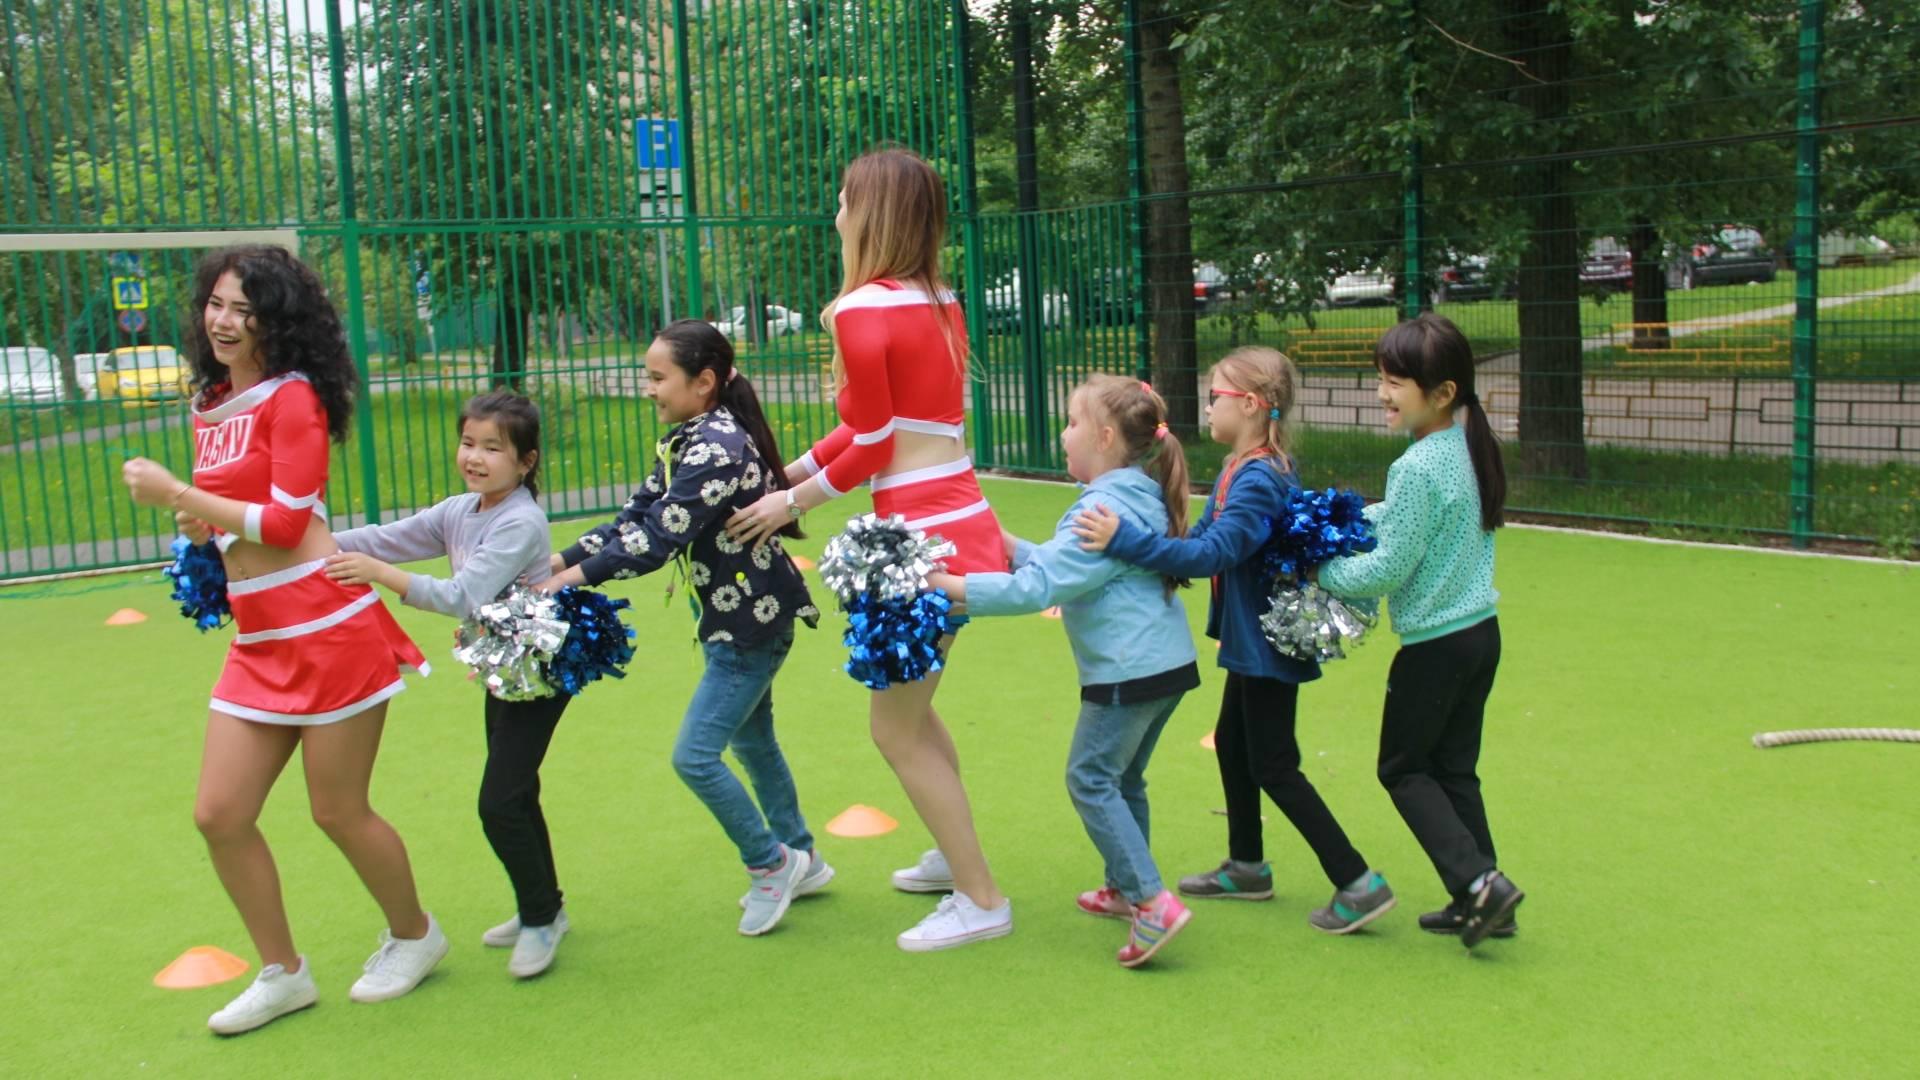 Молодежная палата района «Марьина роща» и ГБУ «Шире круг» провели мероприятие  «Здоровый ребенок – здоровая страна».